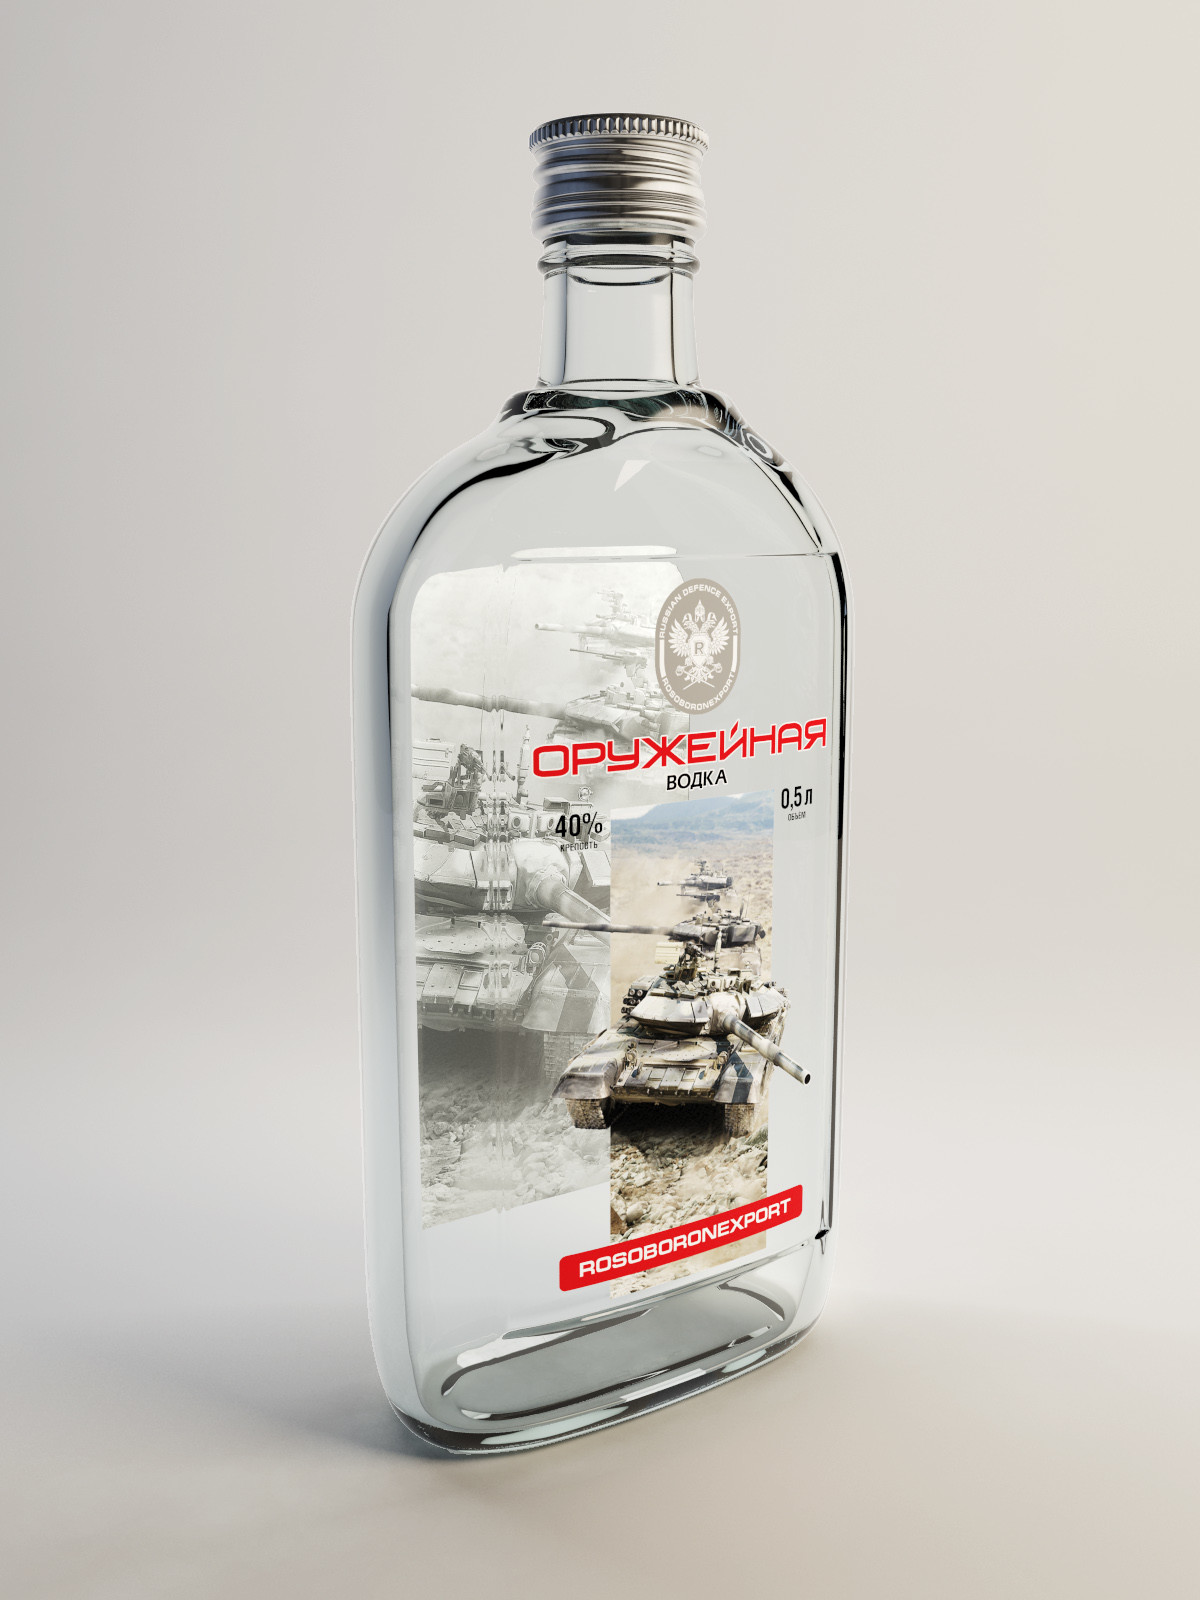 Nail khusnutdinov bottle 071 eticet 0002